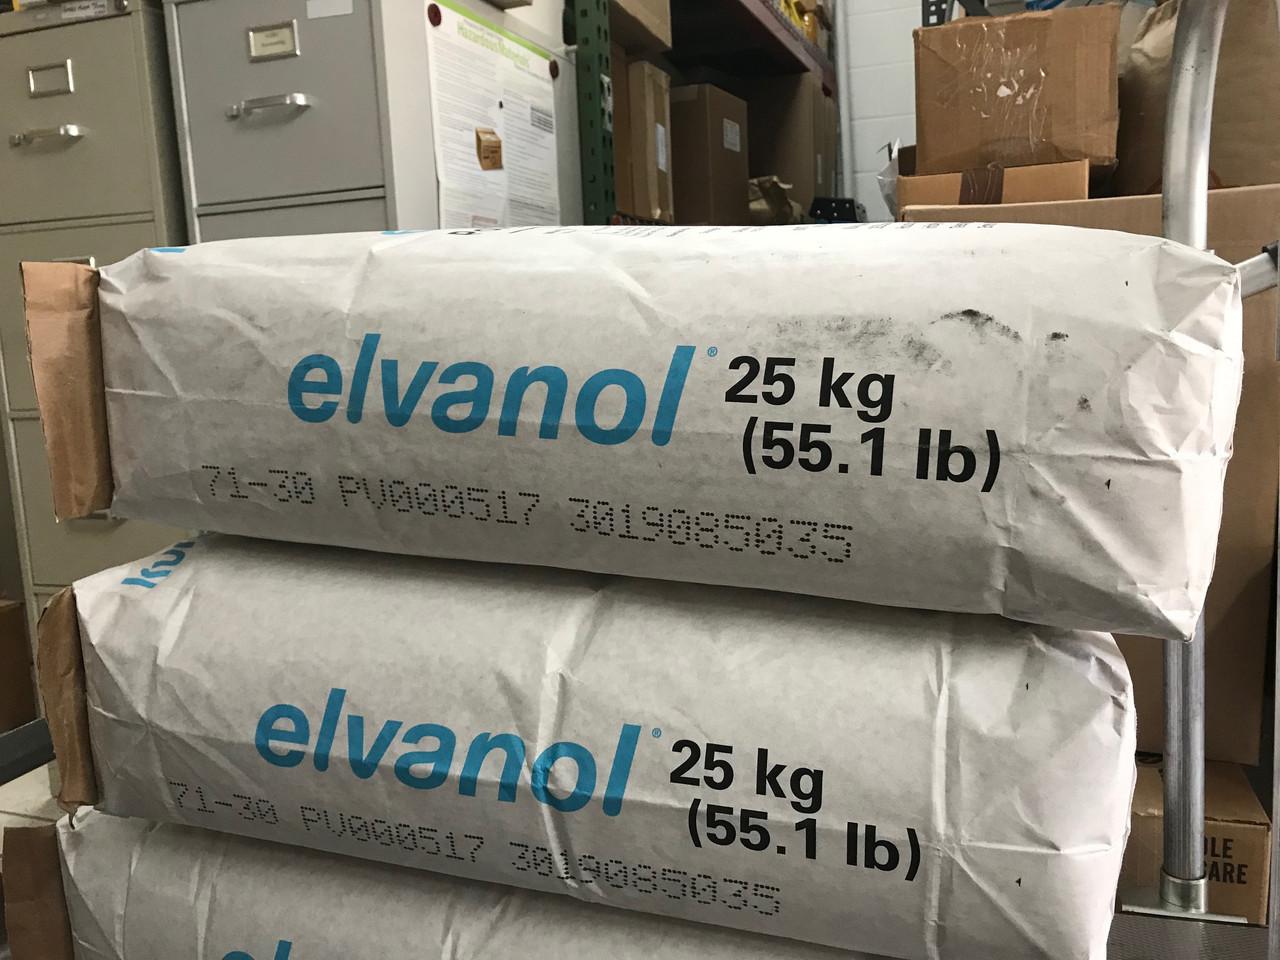 Elvanol 71-30 in 50-lb bags.